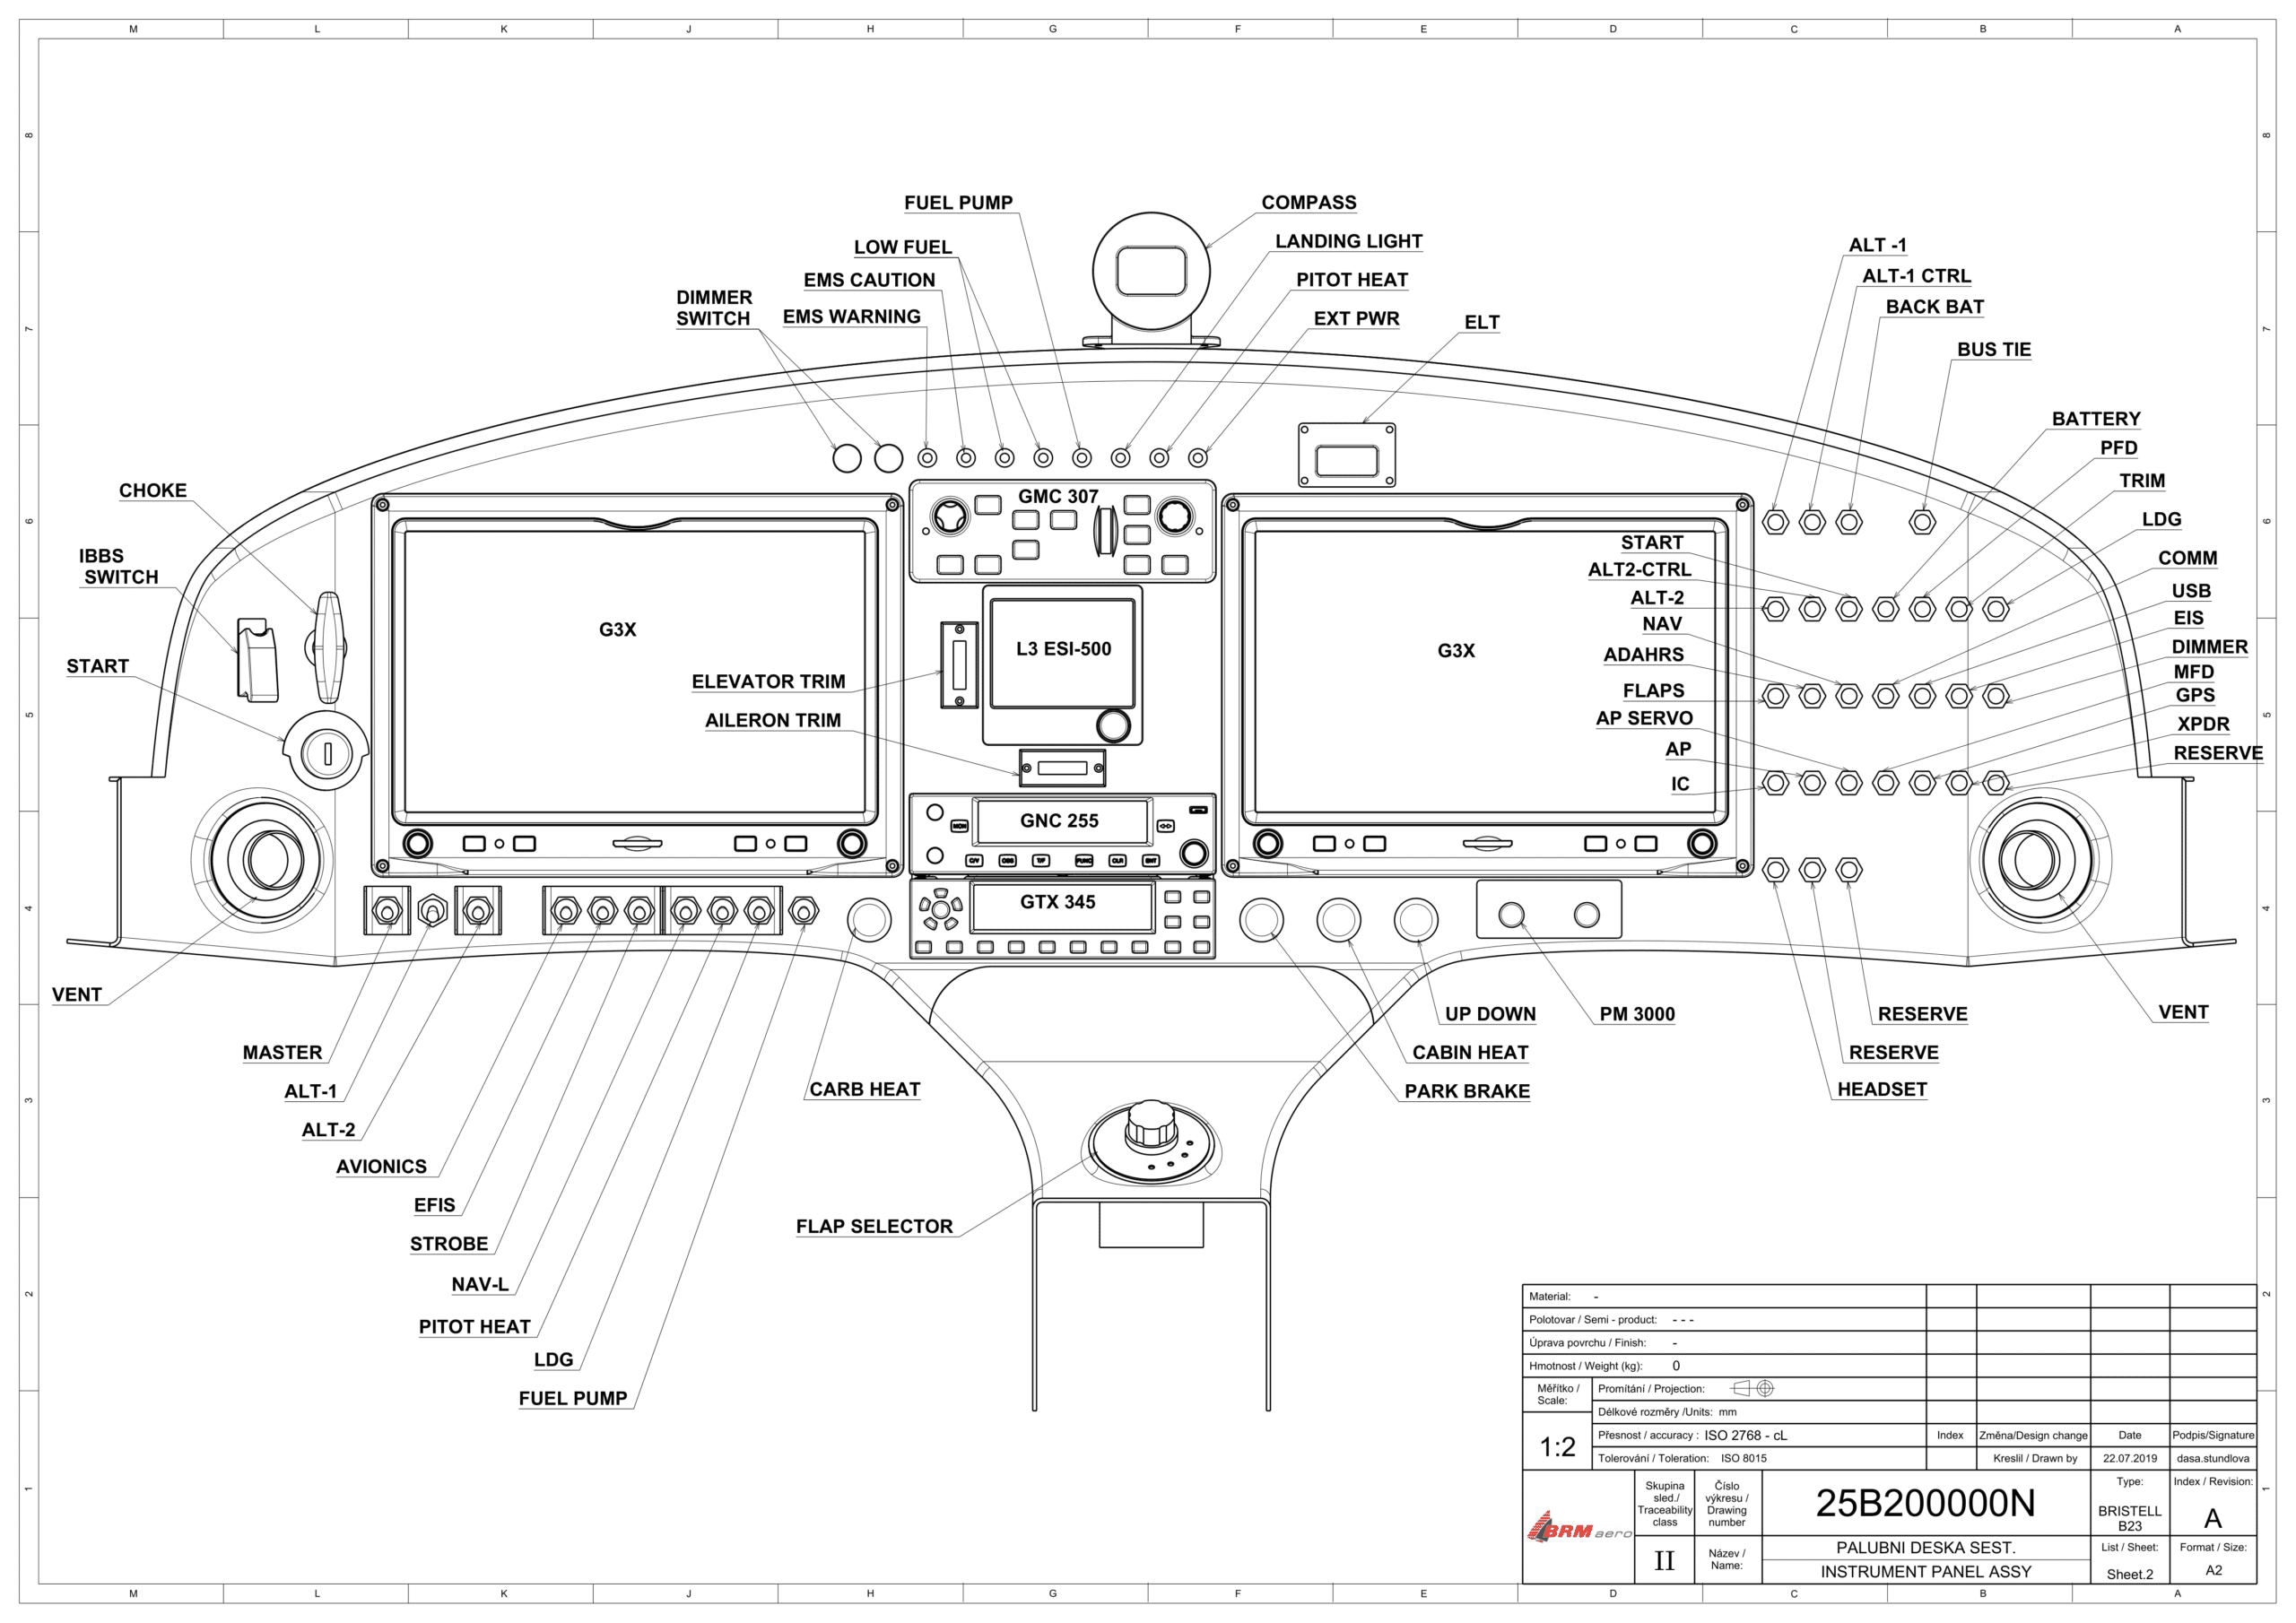 B23 - Tableau de bord schéma